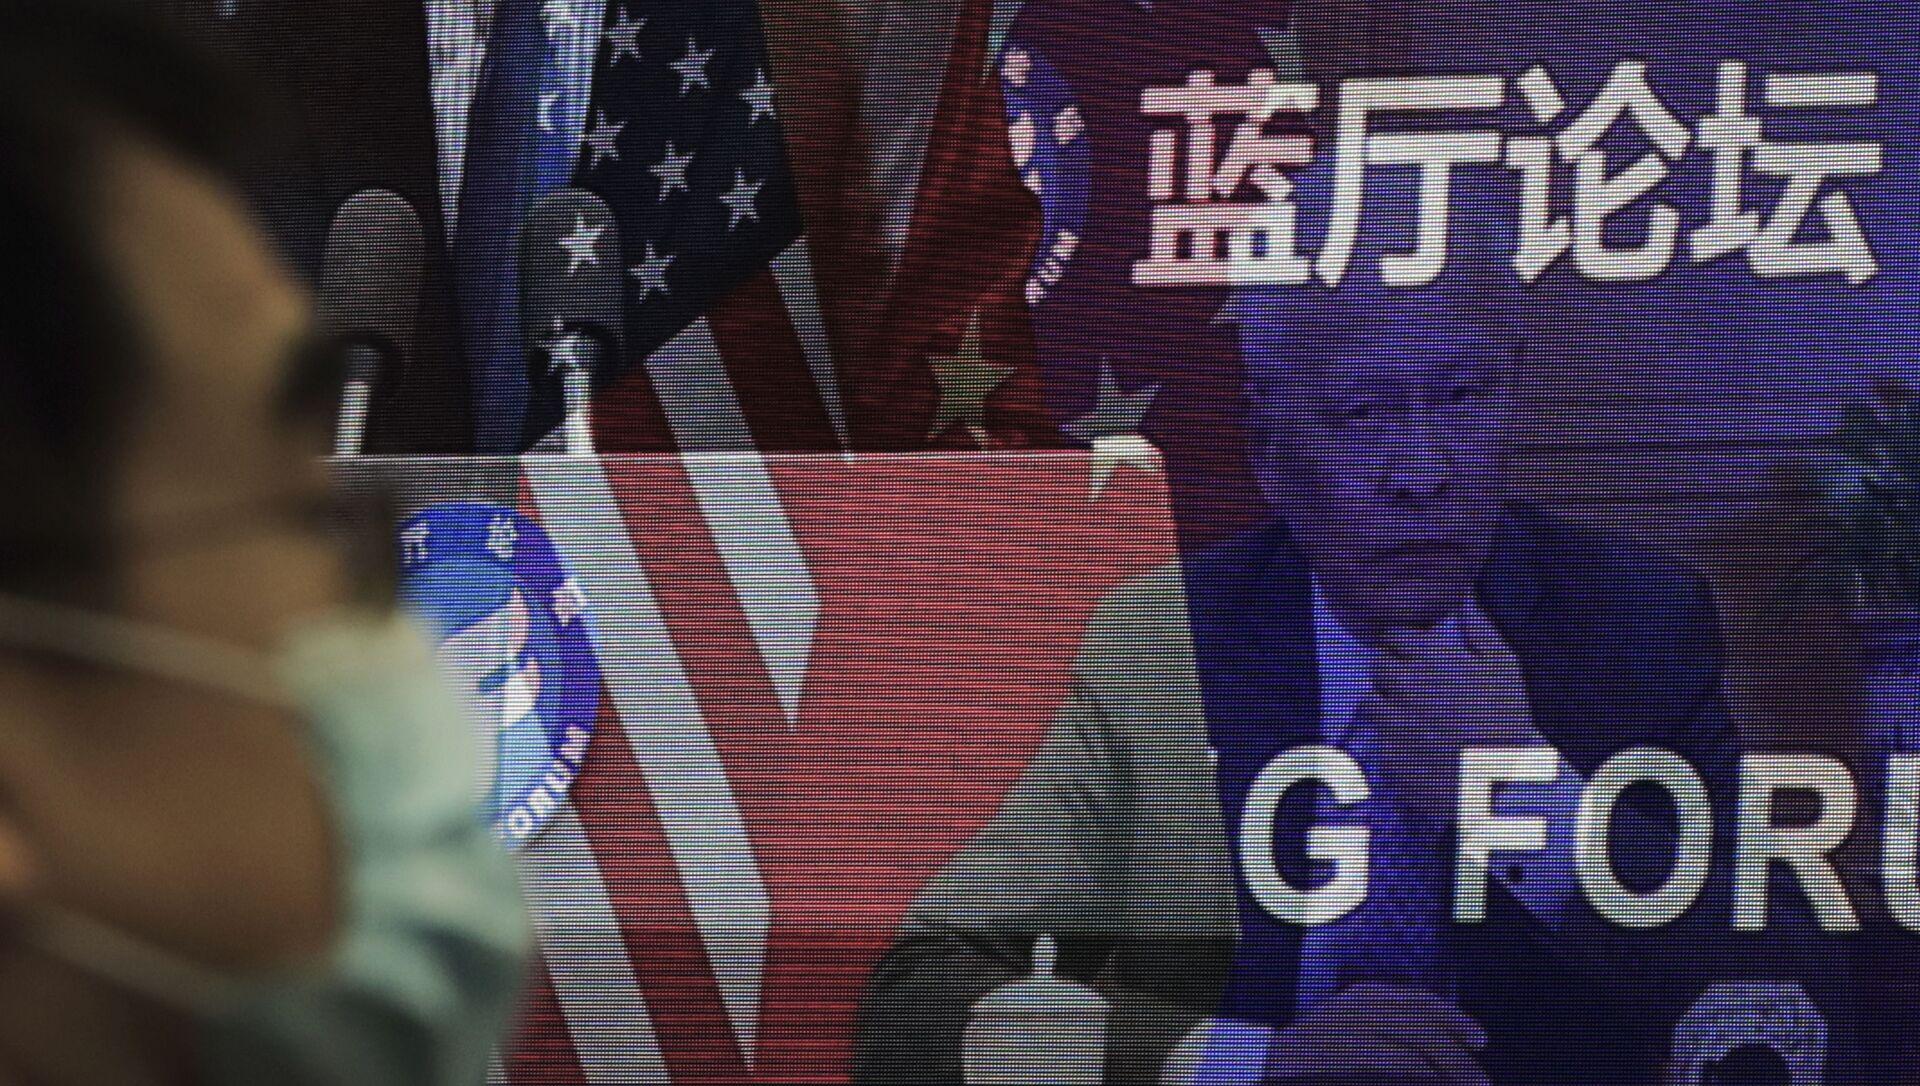 Мужчина в маске, помогающей сдержать распространение коронавируса, сидит возле экрана, демонстрирующего, как делегаты присутствуют на форуме Лантинга, посвященном приезду Китая и США. отношения вернулись в правильное русло, которое под председательством министра иностранных дел Китая Ван И в офисе Министерства иностранных дел в Пекине в понедельник, 22 февраля 2021 года. В понедельник Ван призвал США снять ограничения на торговлю и контакты между людьми при прекращении того, что Пекин считает необоснованным вмешательством в районы Тайваня, Гонконга, Синьцзяна и Тибета - Sputnik Грузия, 1920, 16.04.2021